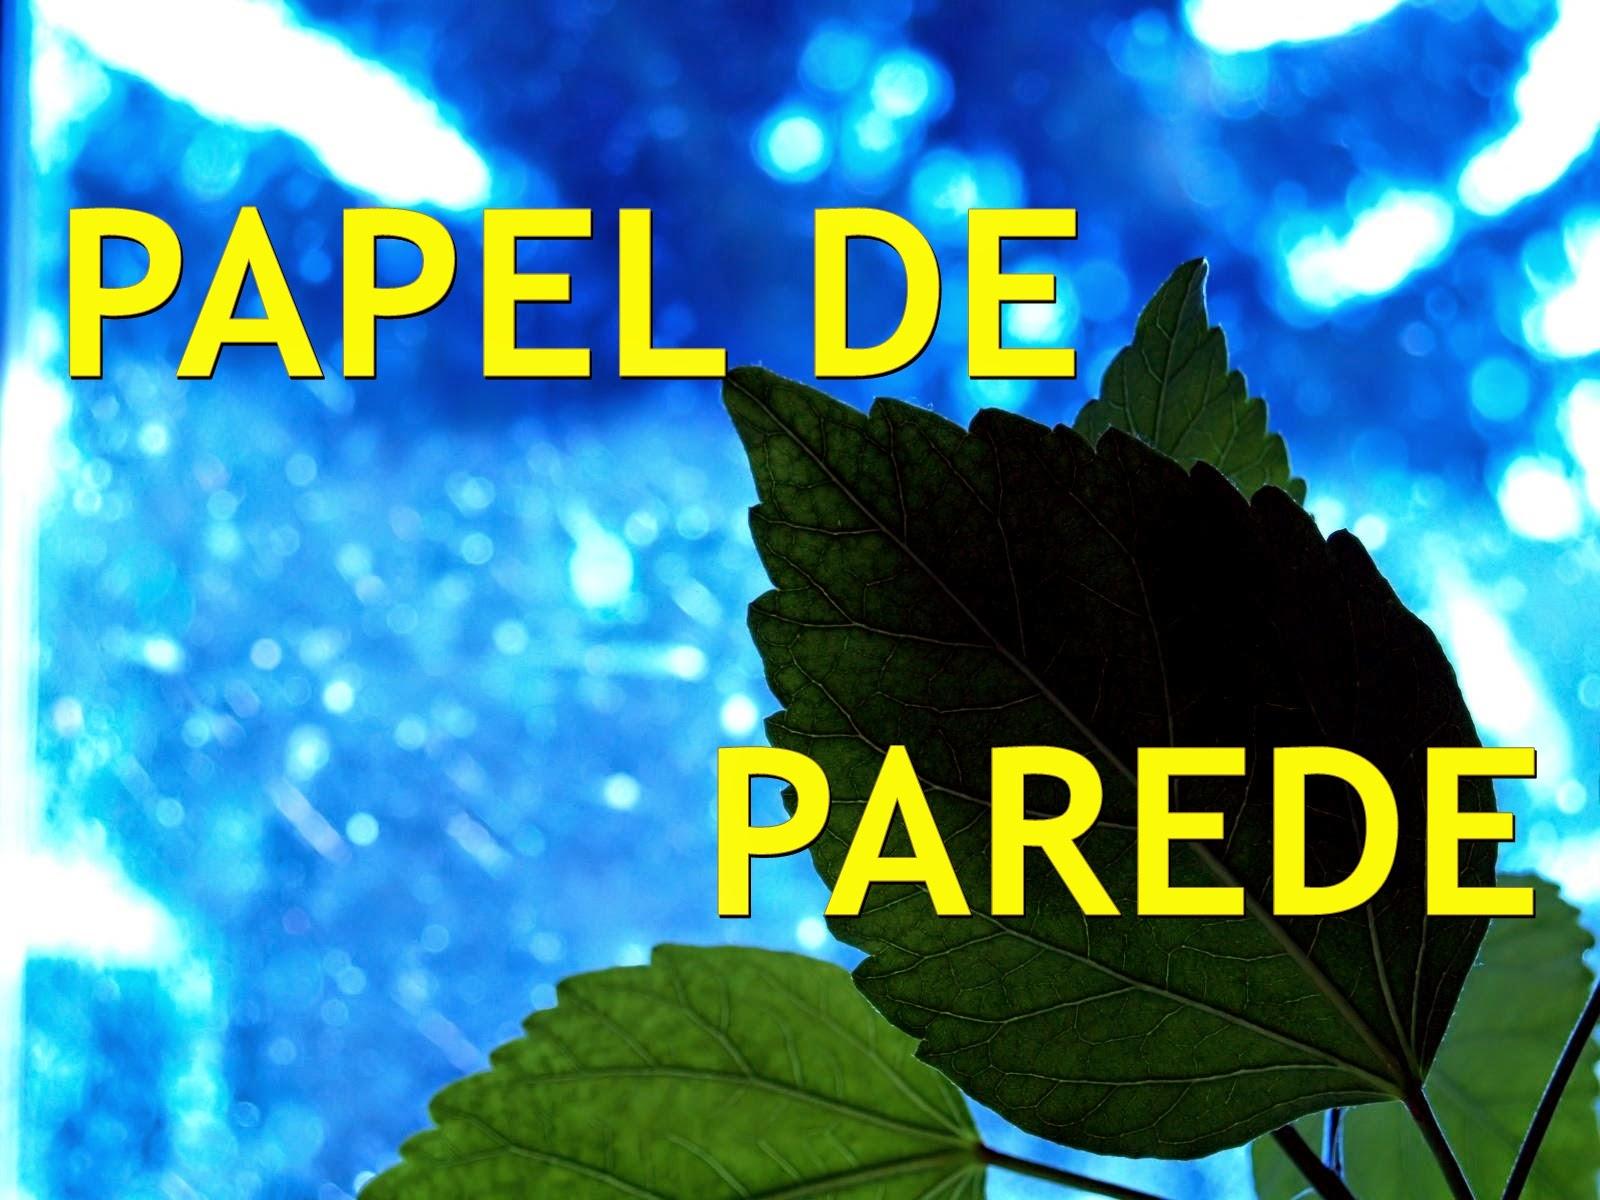 Baixa Papel De Parede Ps3: KIMUSIC DOWN: BAIXAR PAPEL DE PAREDE